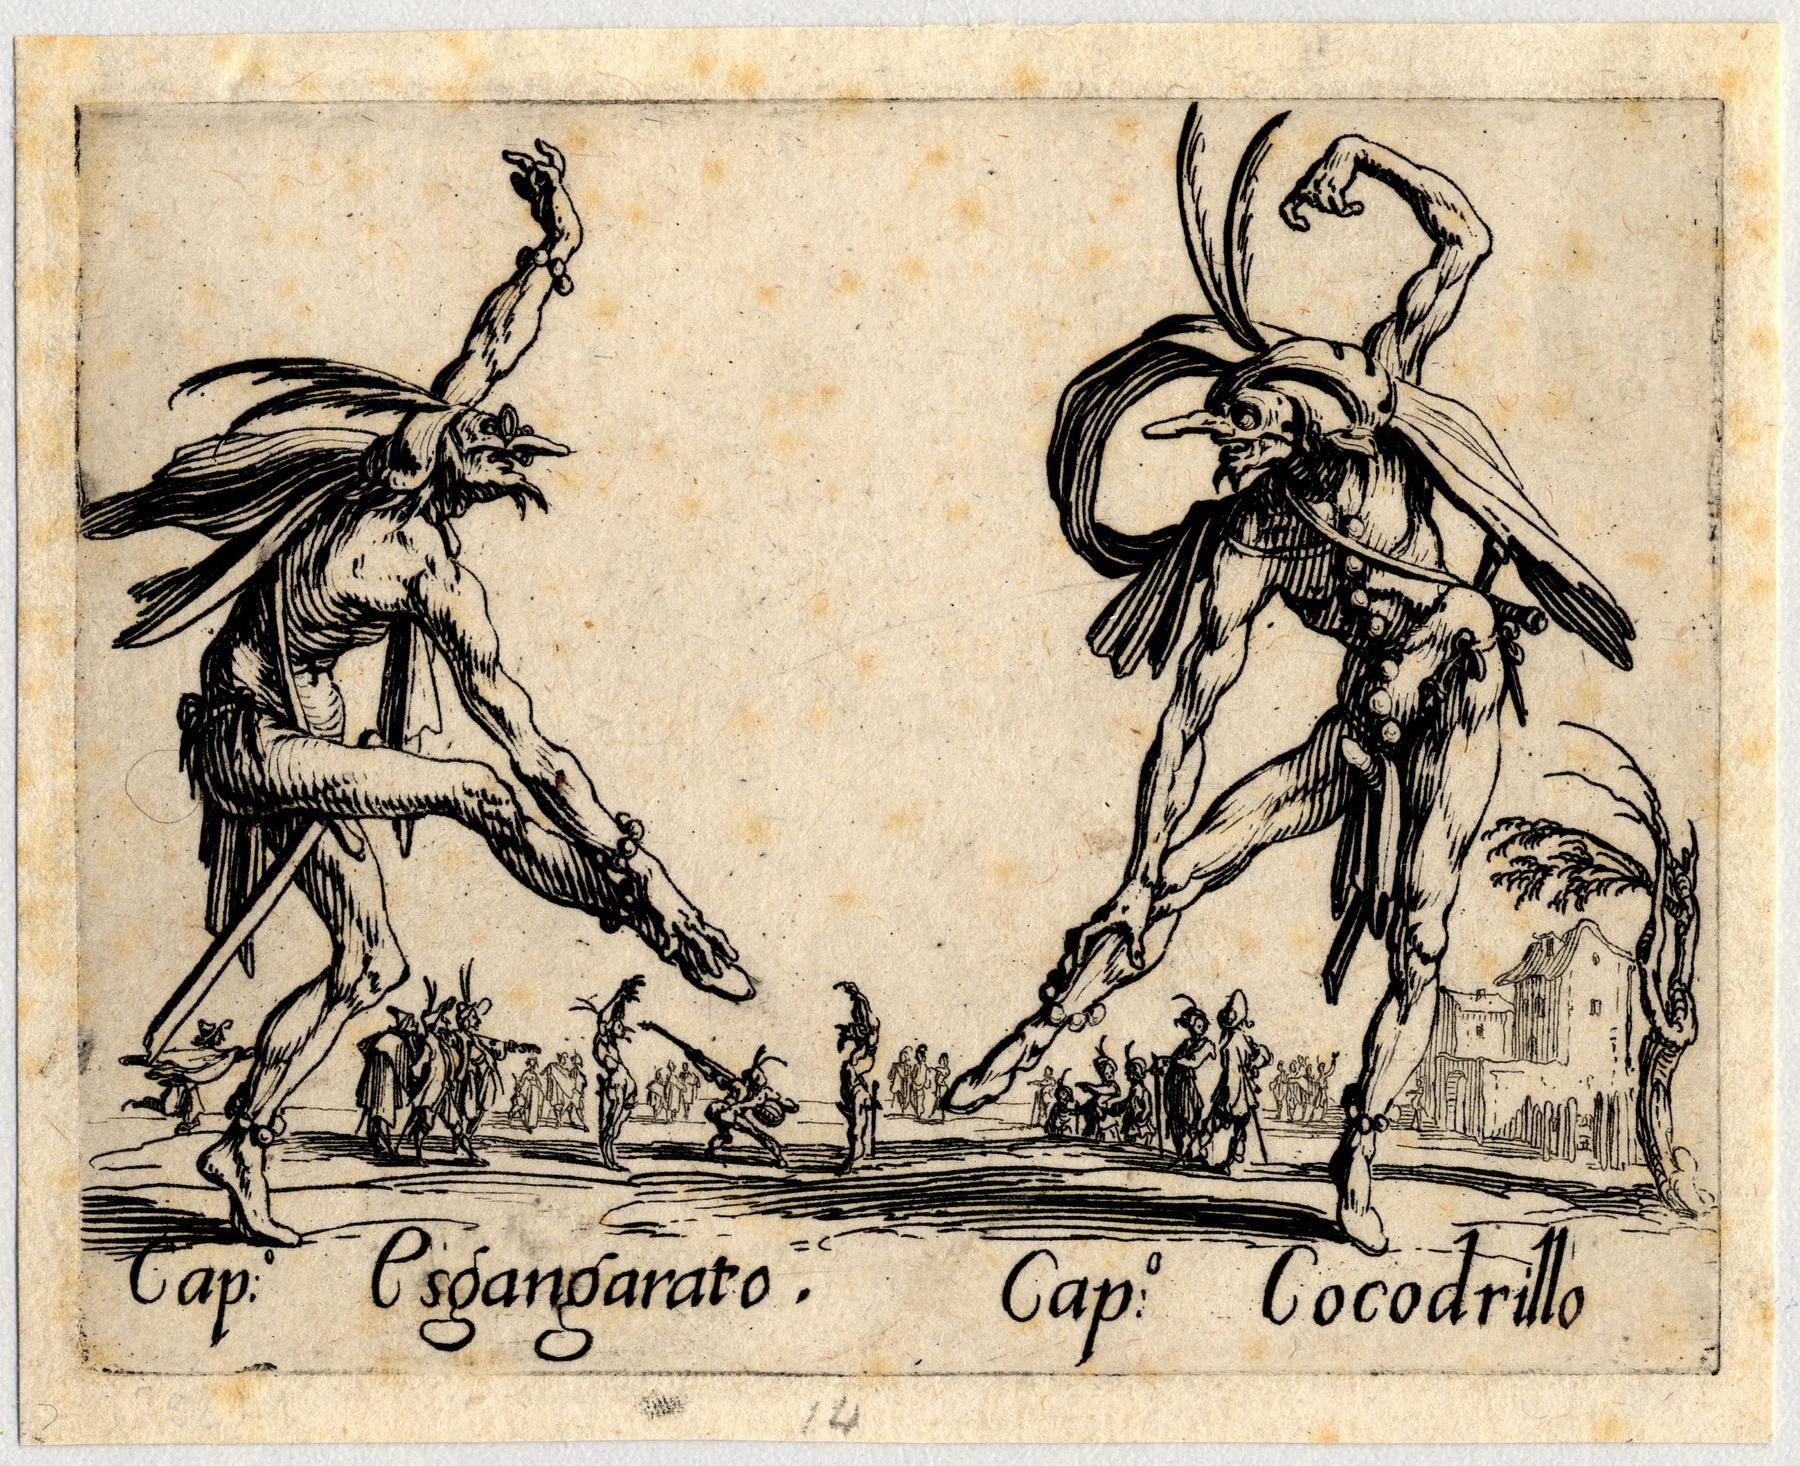 Contenu du Balli di Sfessania : Capitaine Esgangarato, Cocodrillo